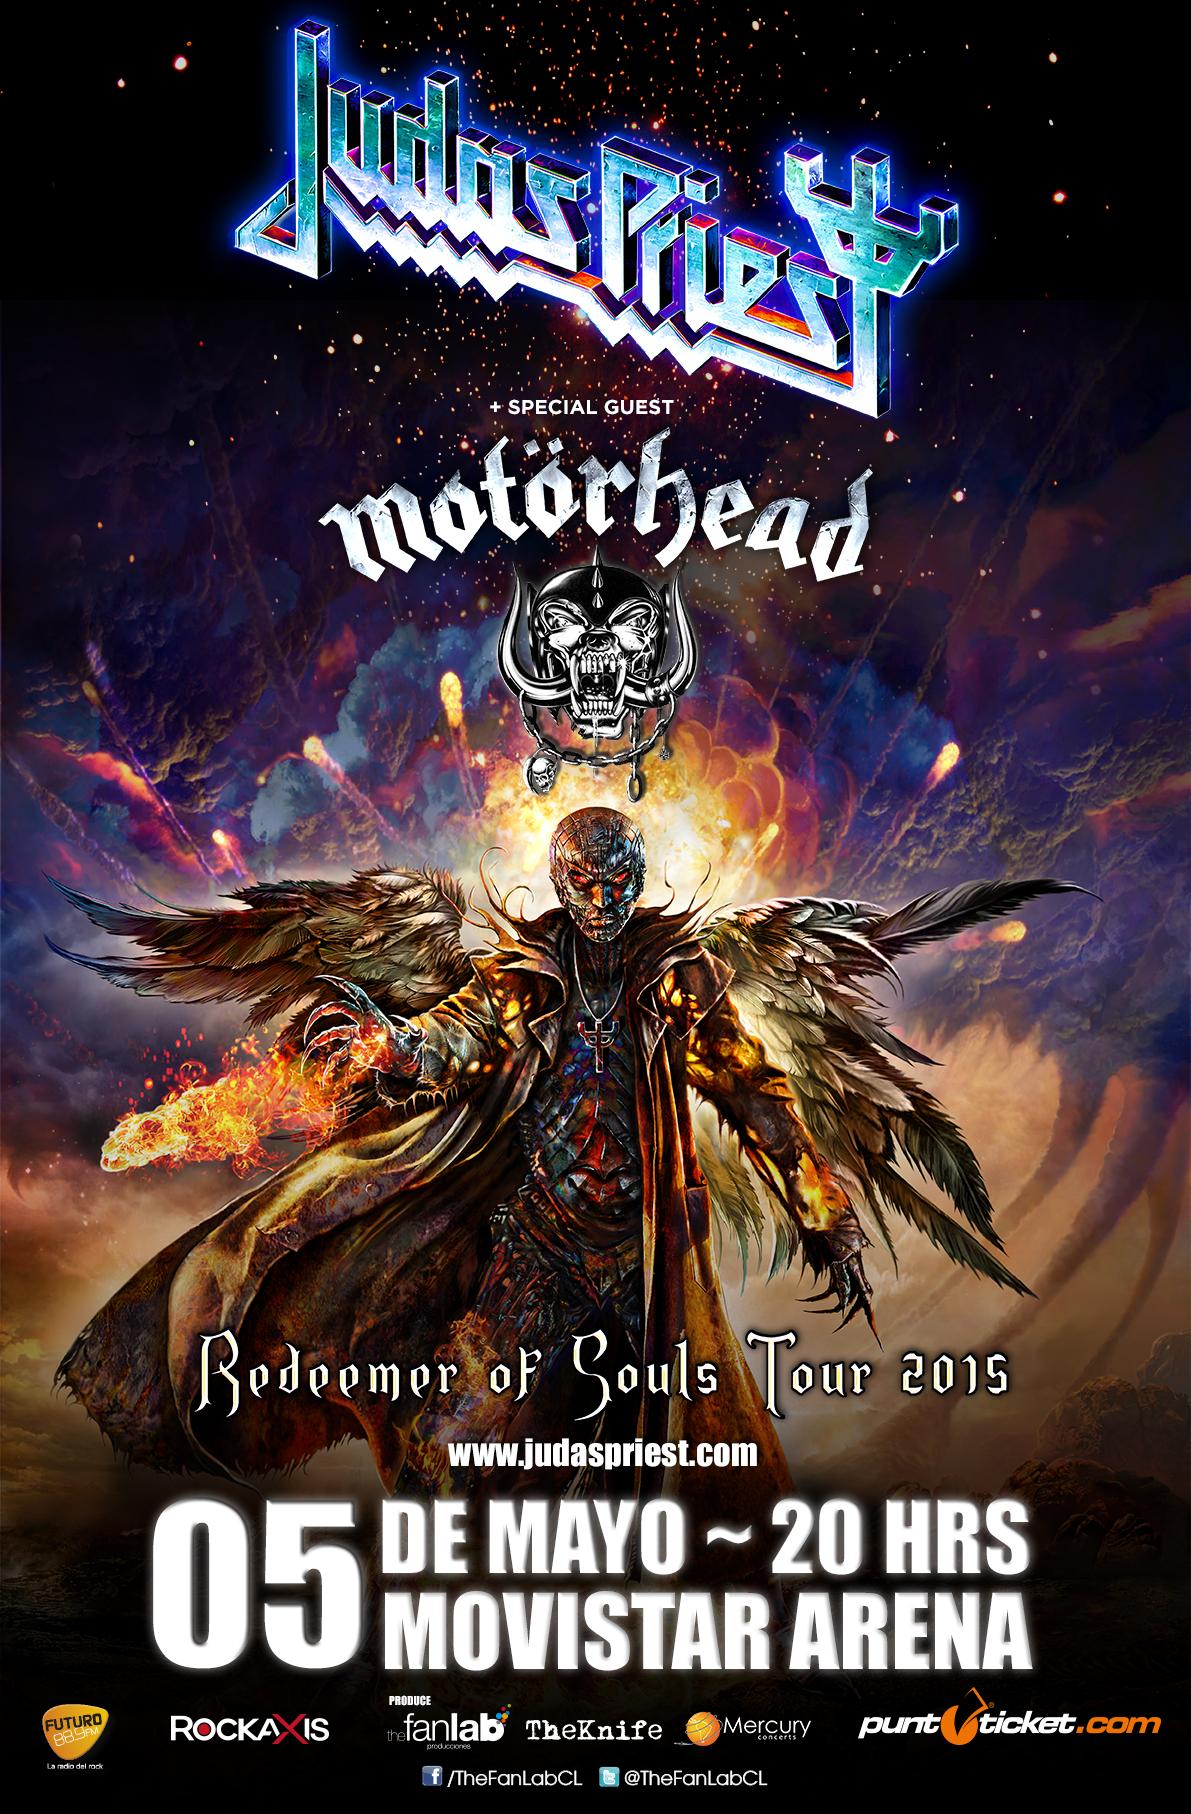 Motörhead y Judas Priest anuncian  concierto juntos en mayo 2015